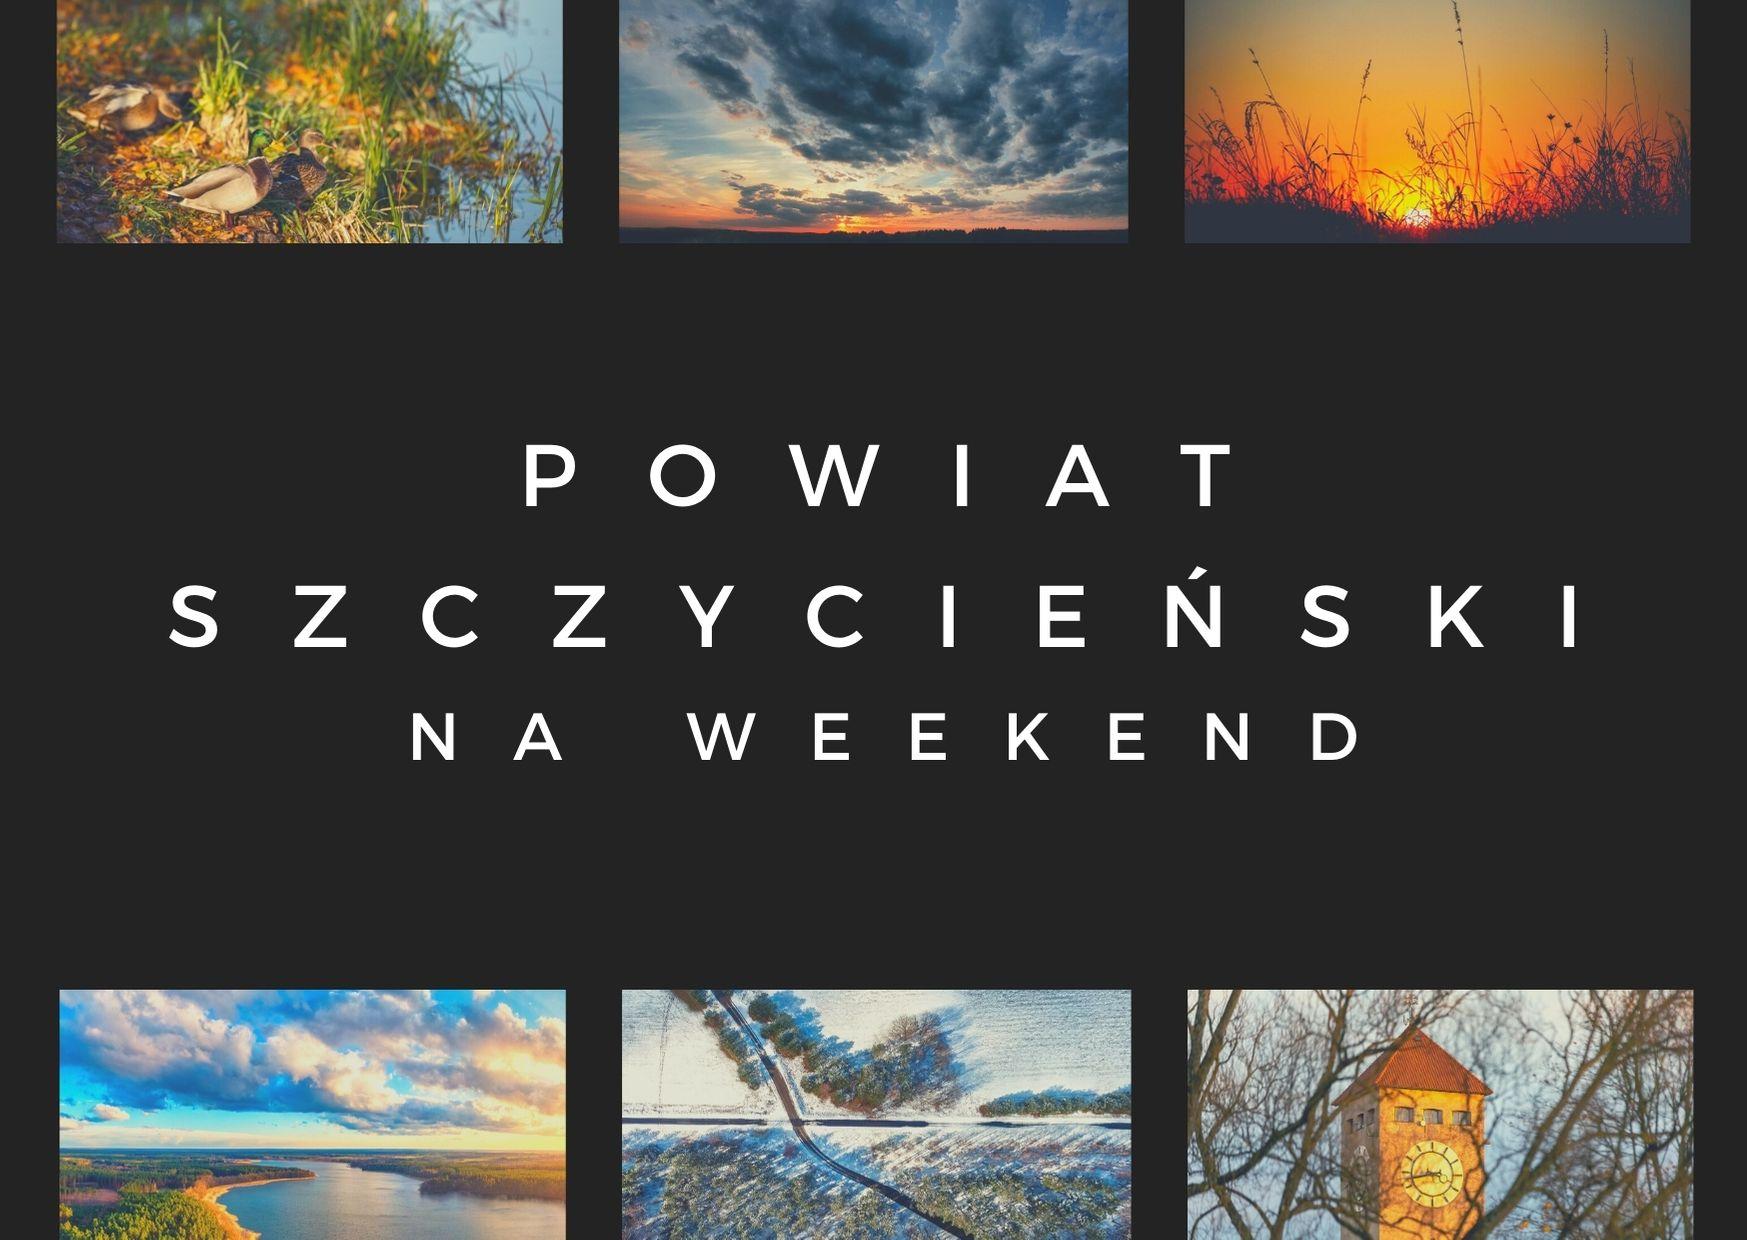 https://m.powiatszczycienski.pl/2021/01/orig/ciekawostki-przyrodnicze-3-37276.jpg